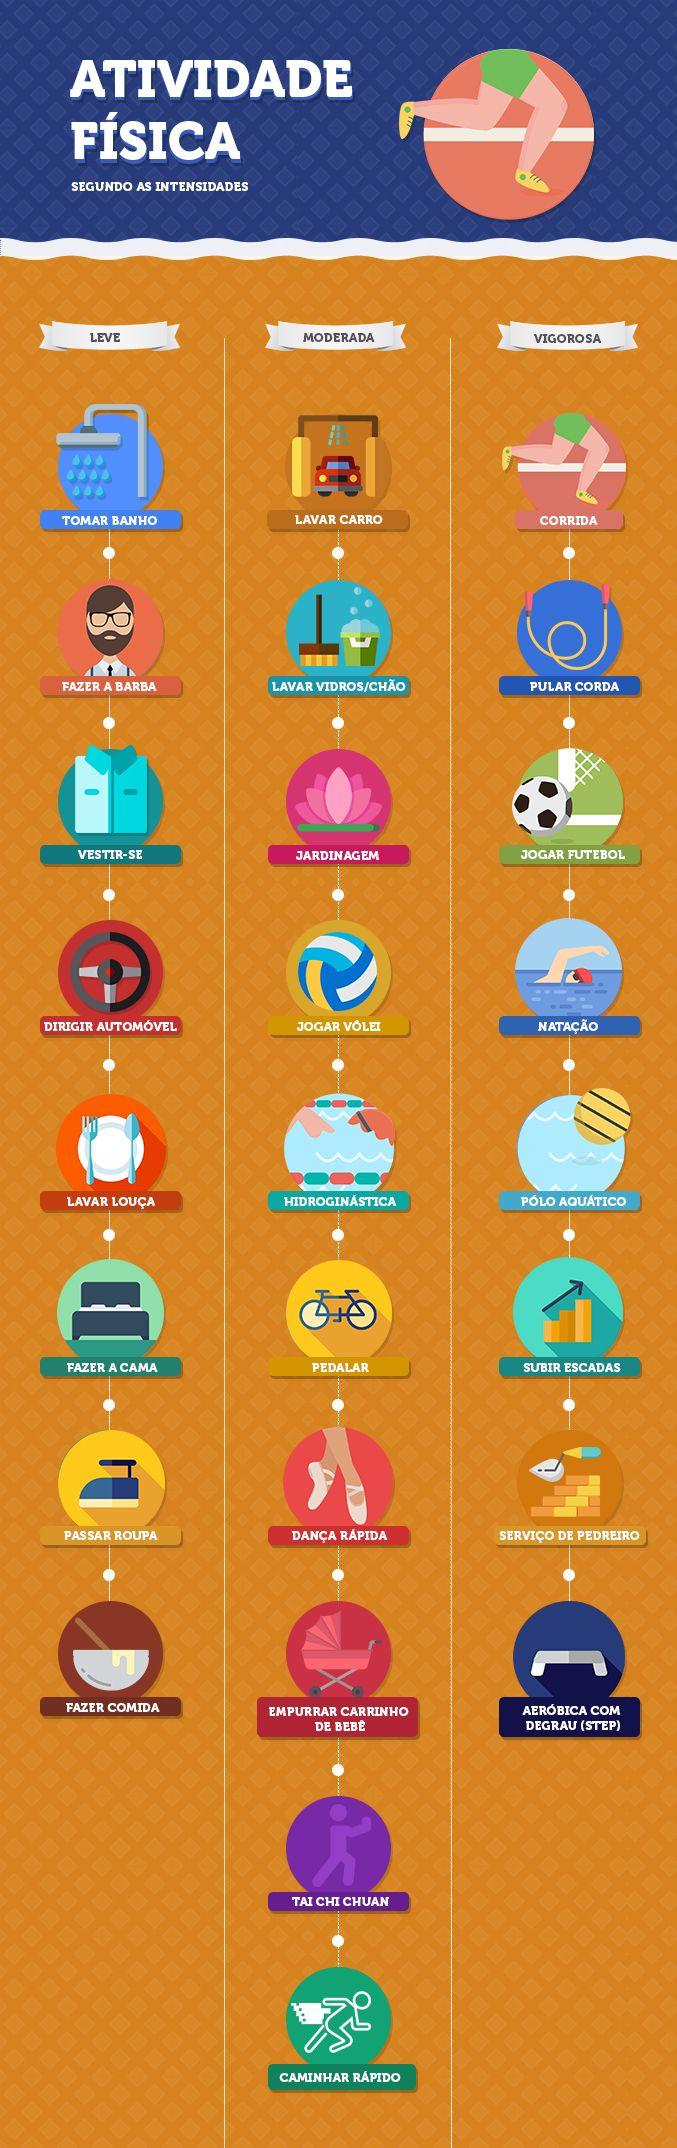 Saúde Brasil - Leve, moderada ou vigorosa: veja qual é a intensidade ideal de atividade para a sua idade